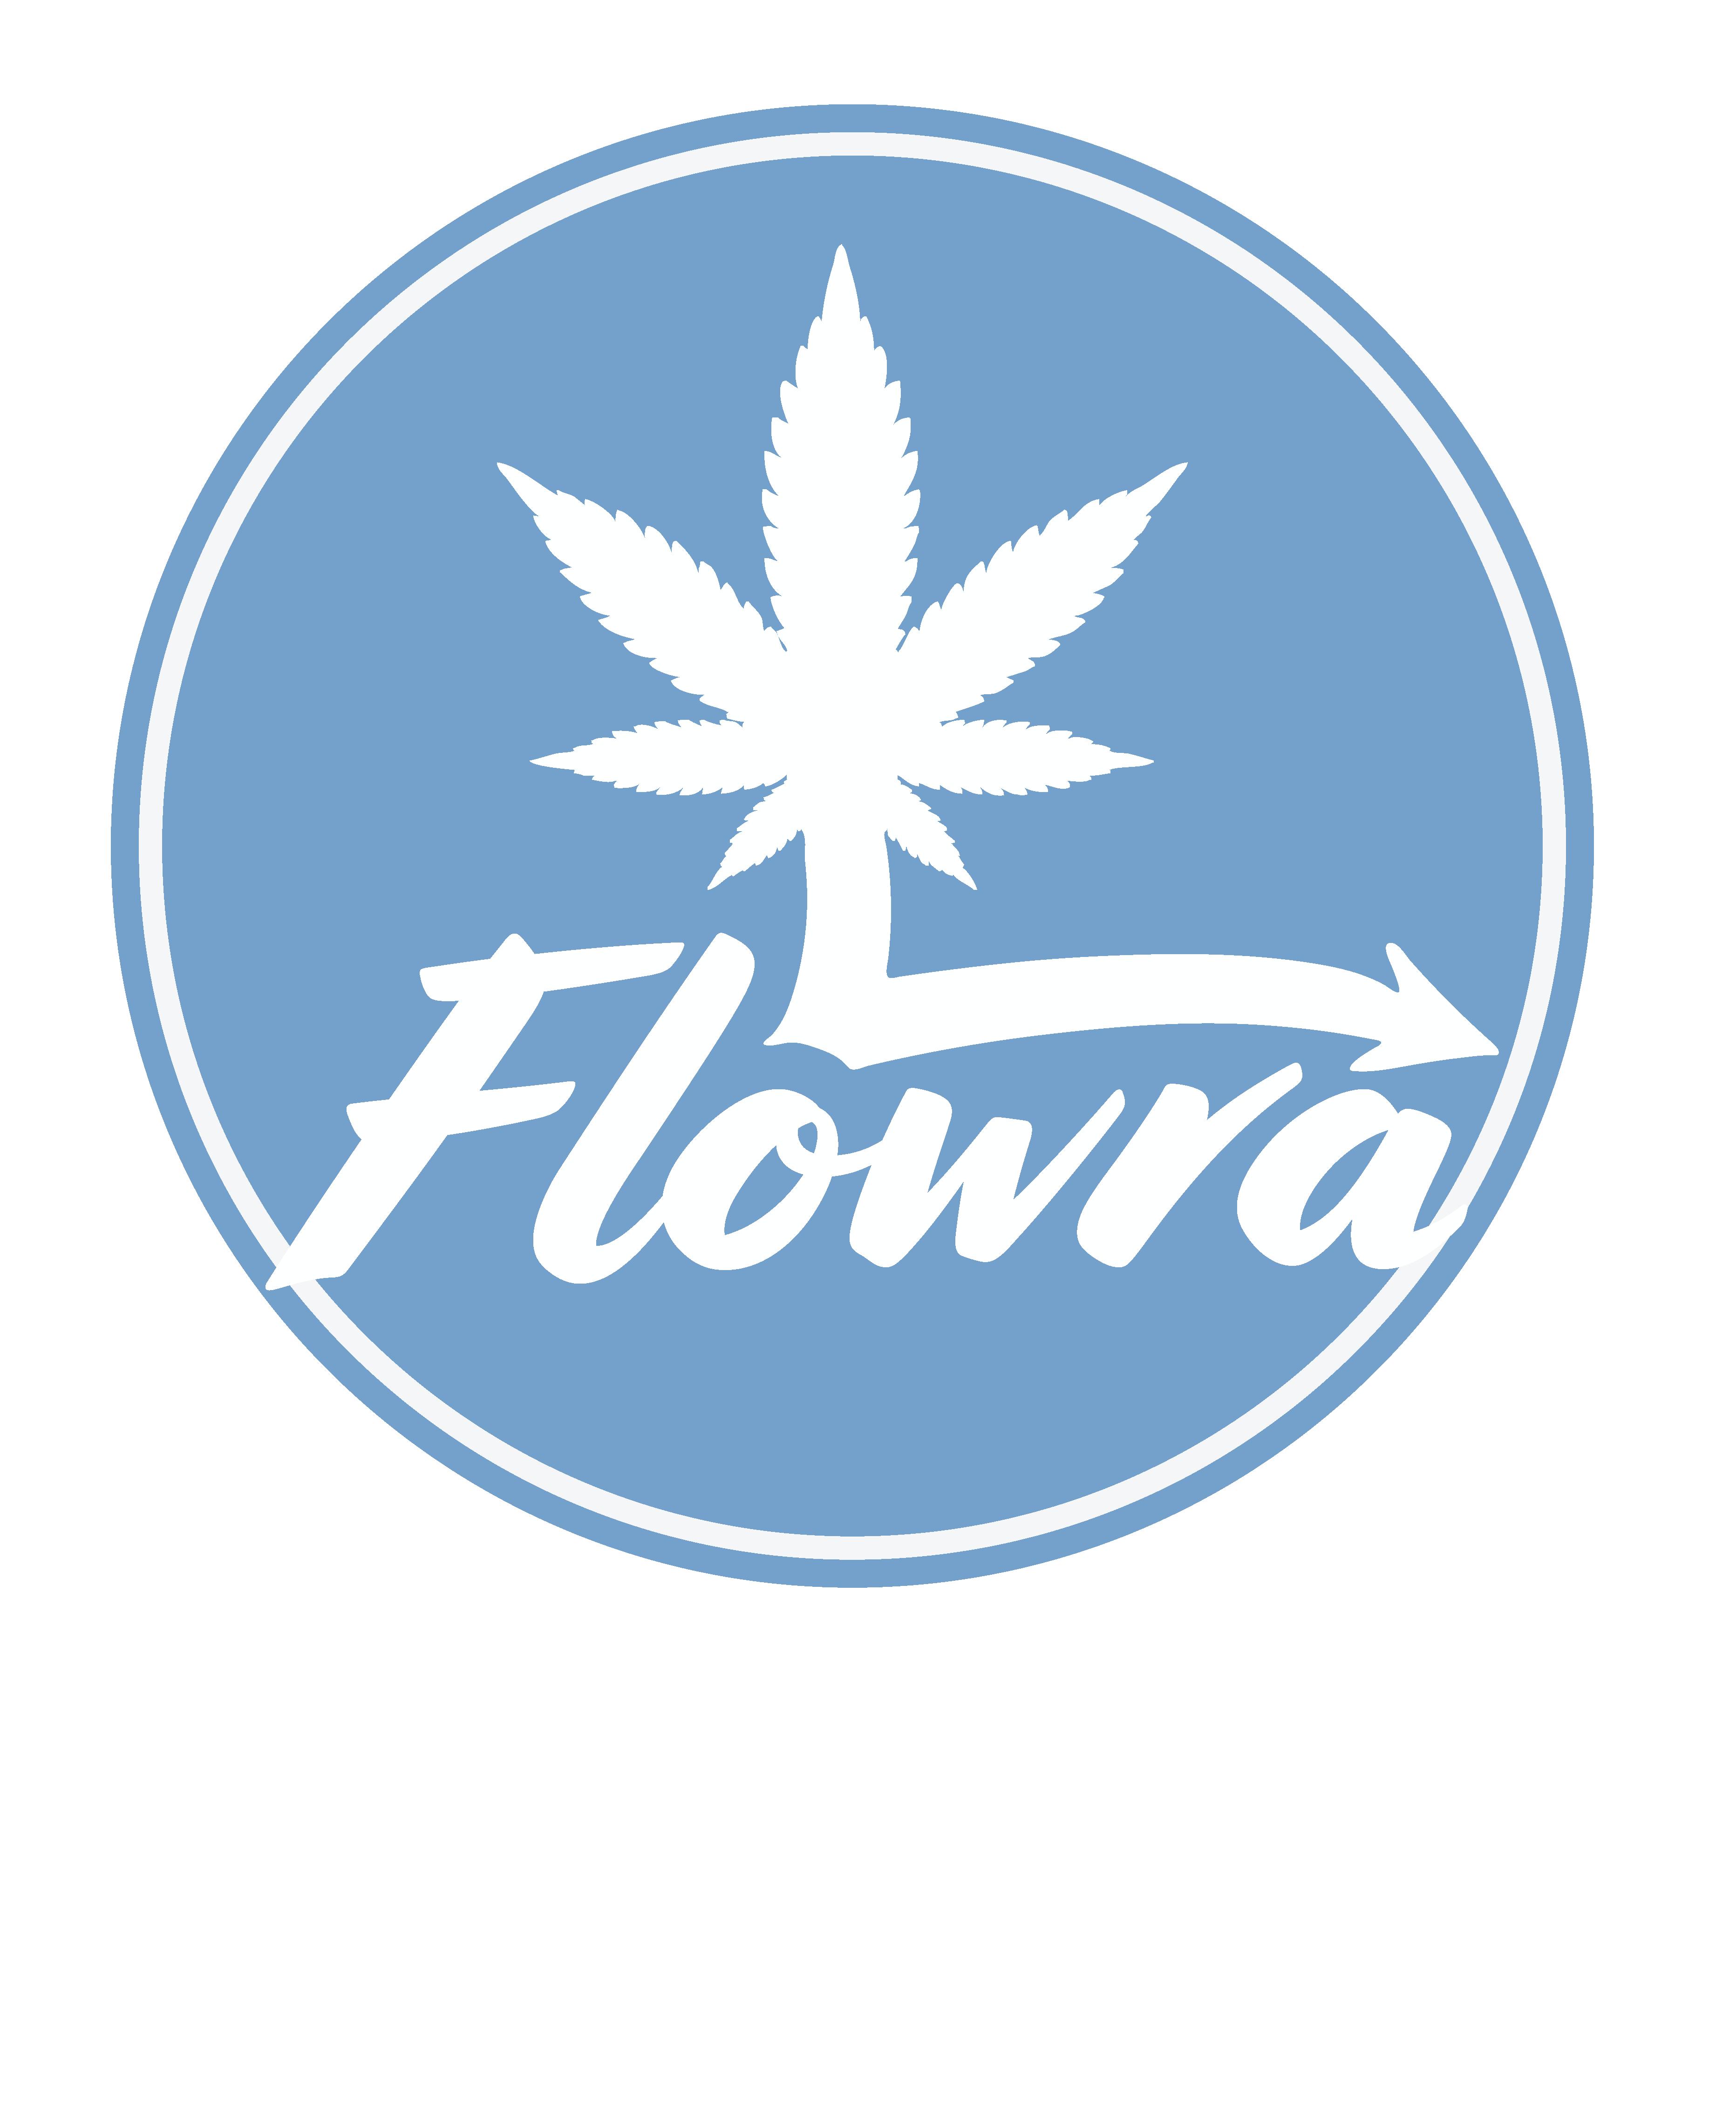 FLOWRA